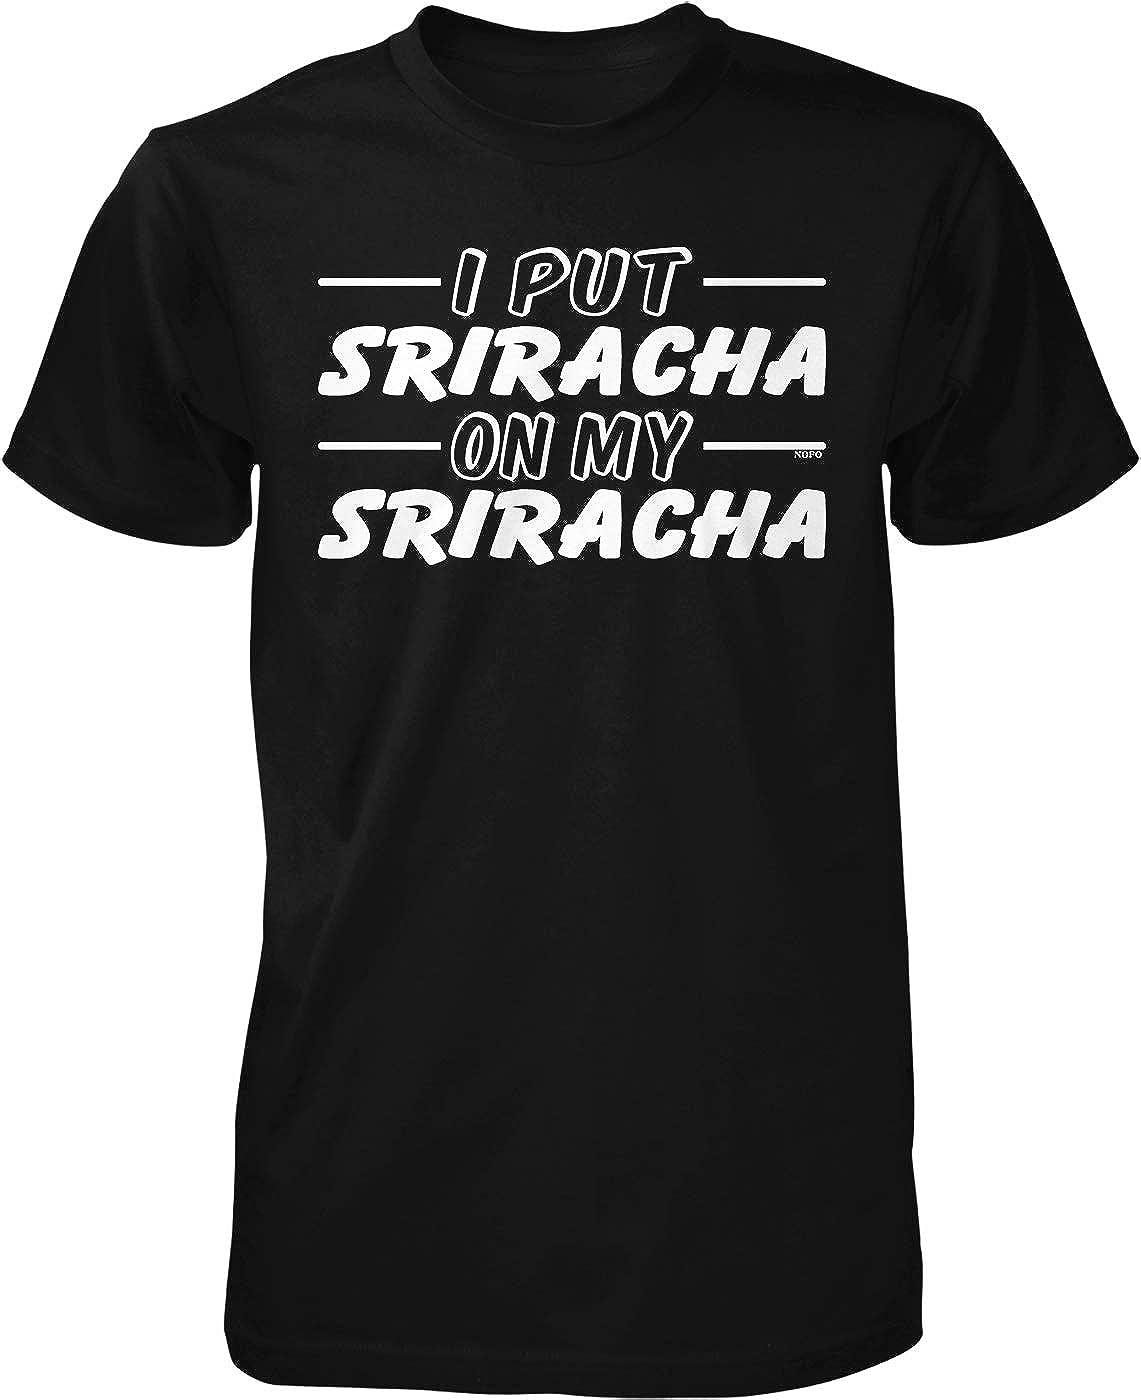 NOFO Clothing Co I Put Sriracha on My Sriracha Men's T-Shirt